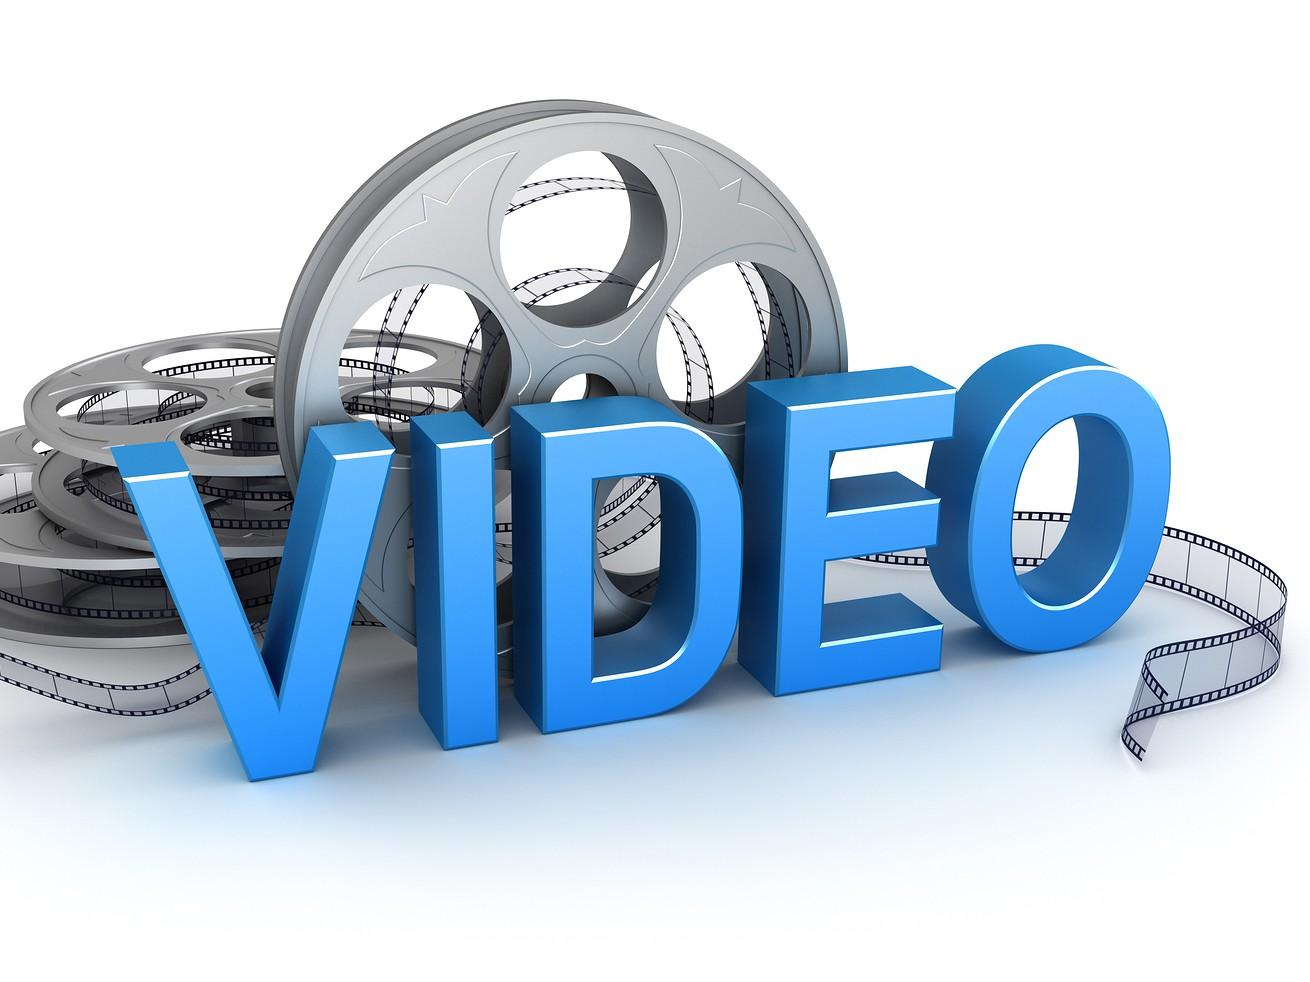 làm nhạc Intro làm đoạn video ấn tượng và dễ gợi nhớ hơn